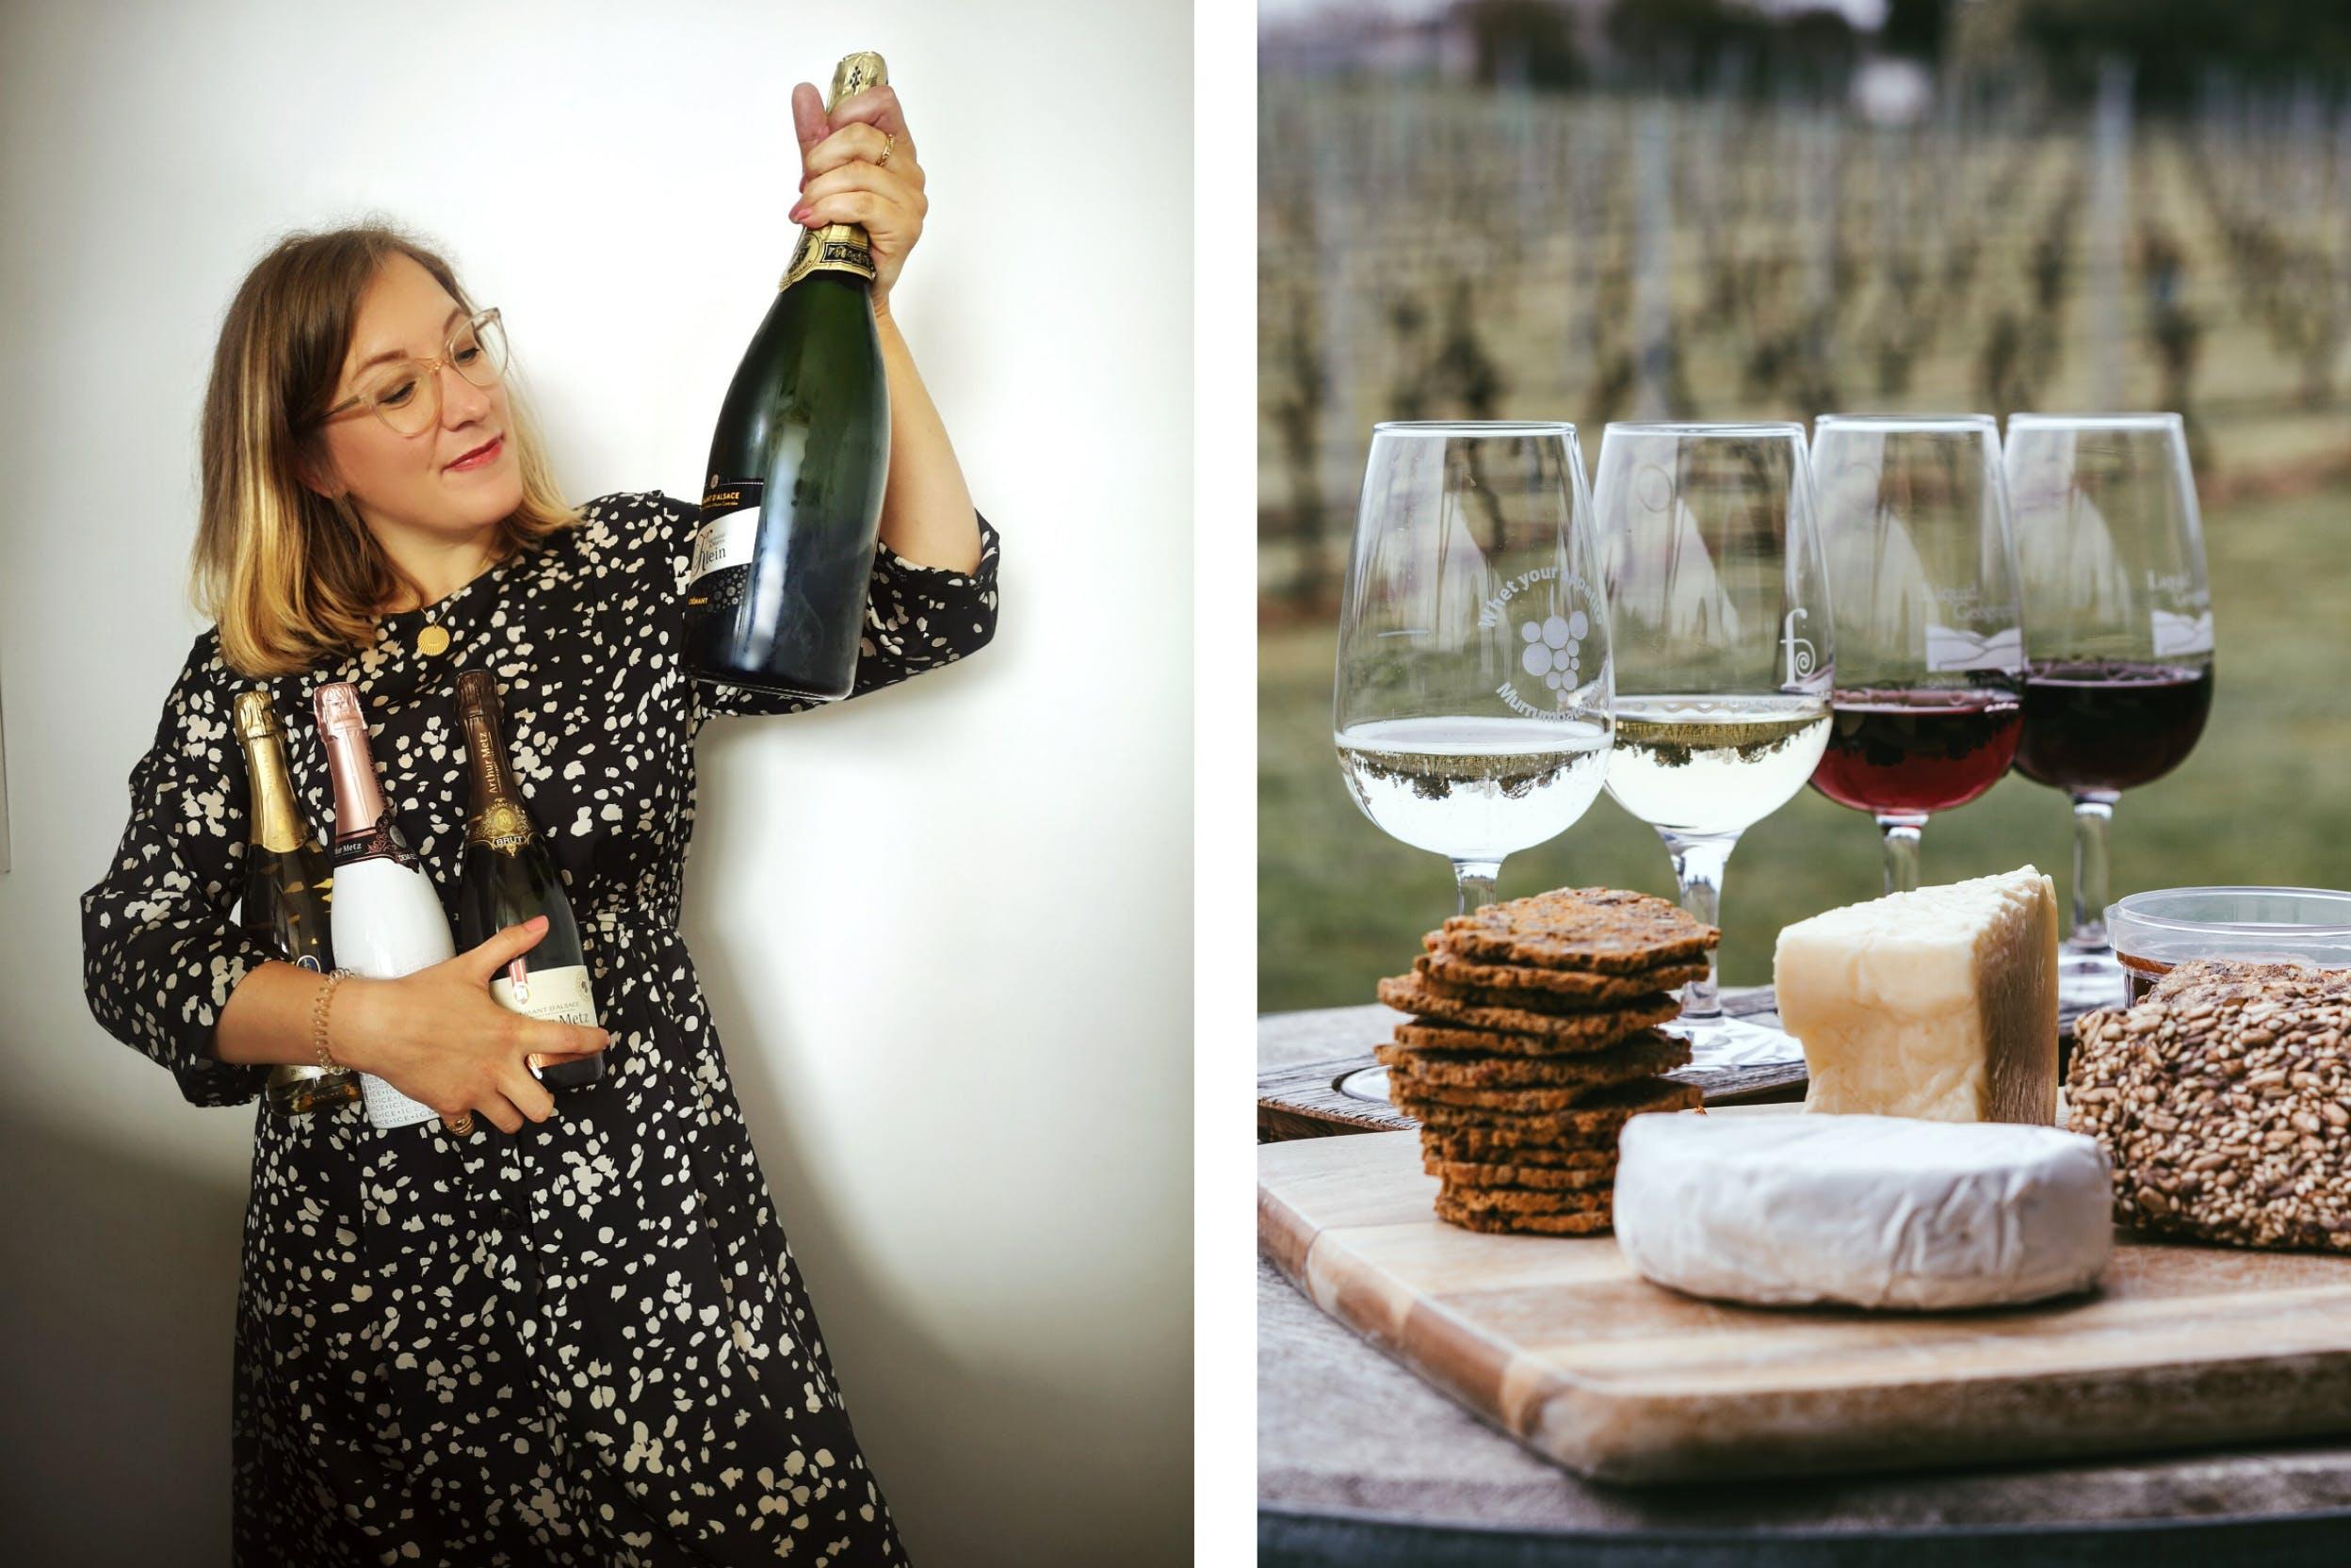 Marjorie mit einer Sammlung an Crémants und Auswahl an verschiedenen Weinen mit Brot, Käse und kleinen Häppchen